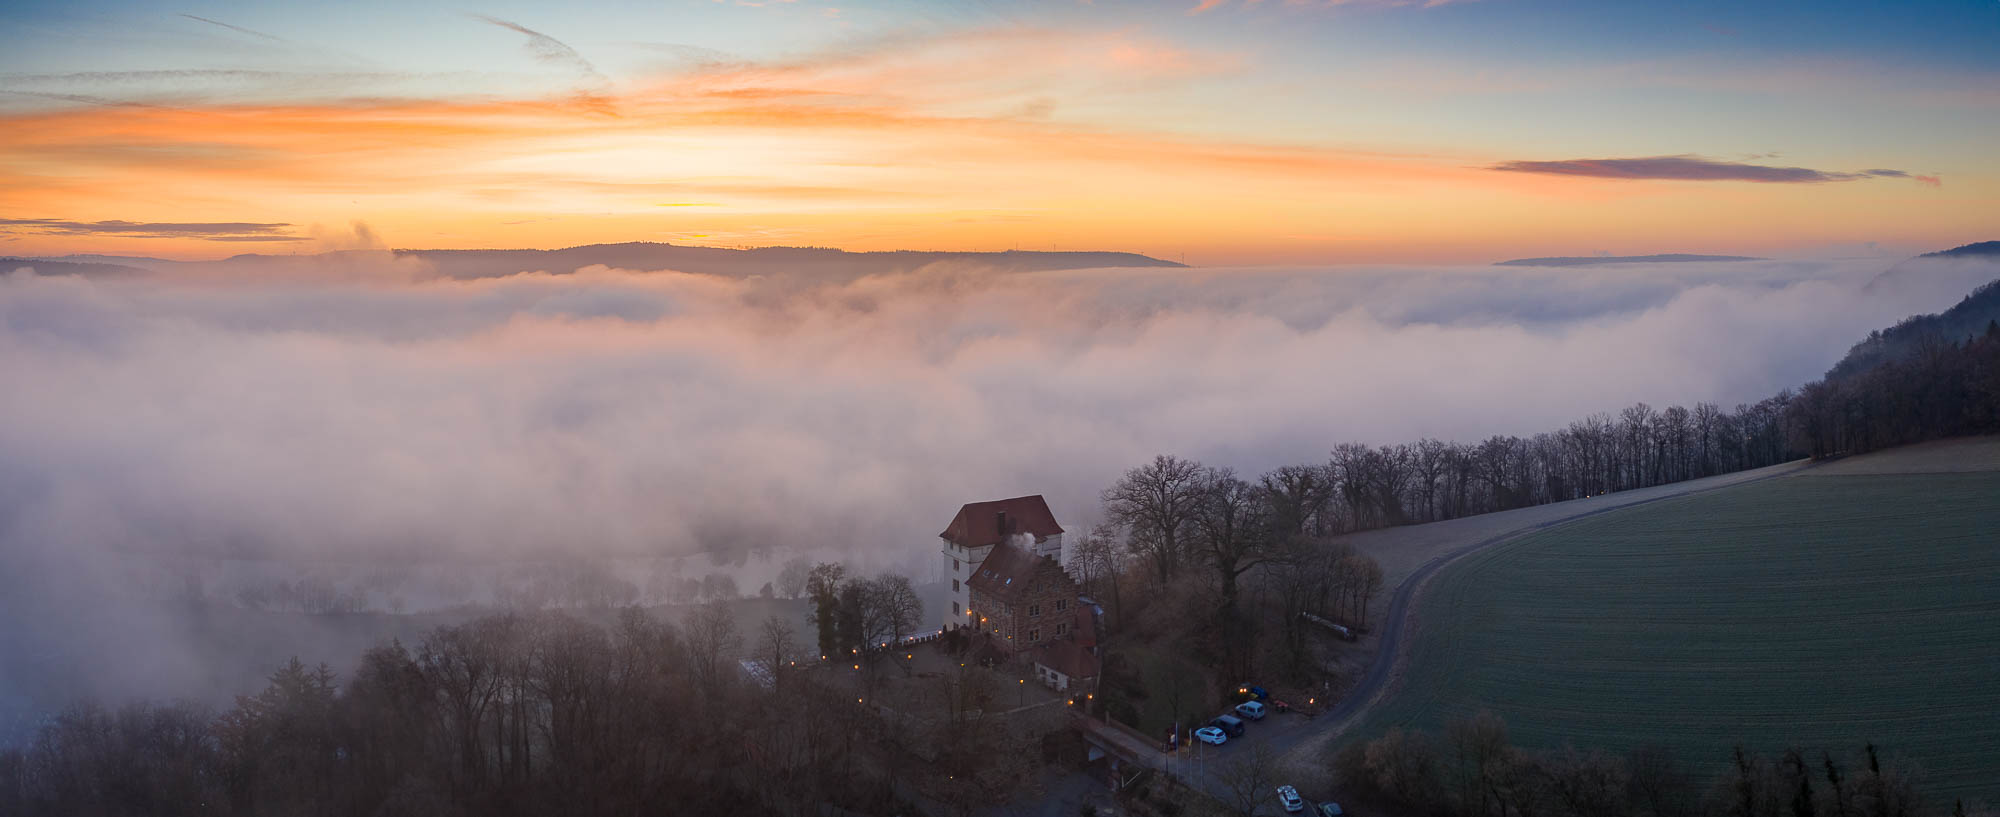 Sonnenaufgang bei Schloß Neuburg in Obrigheim